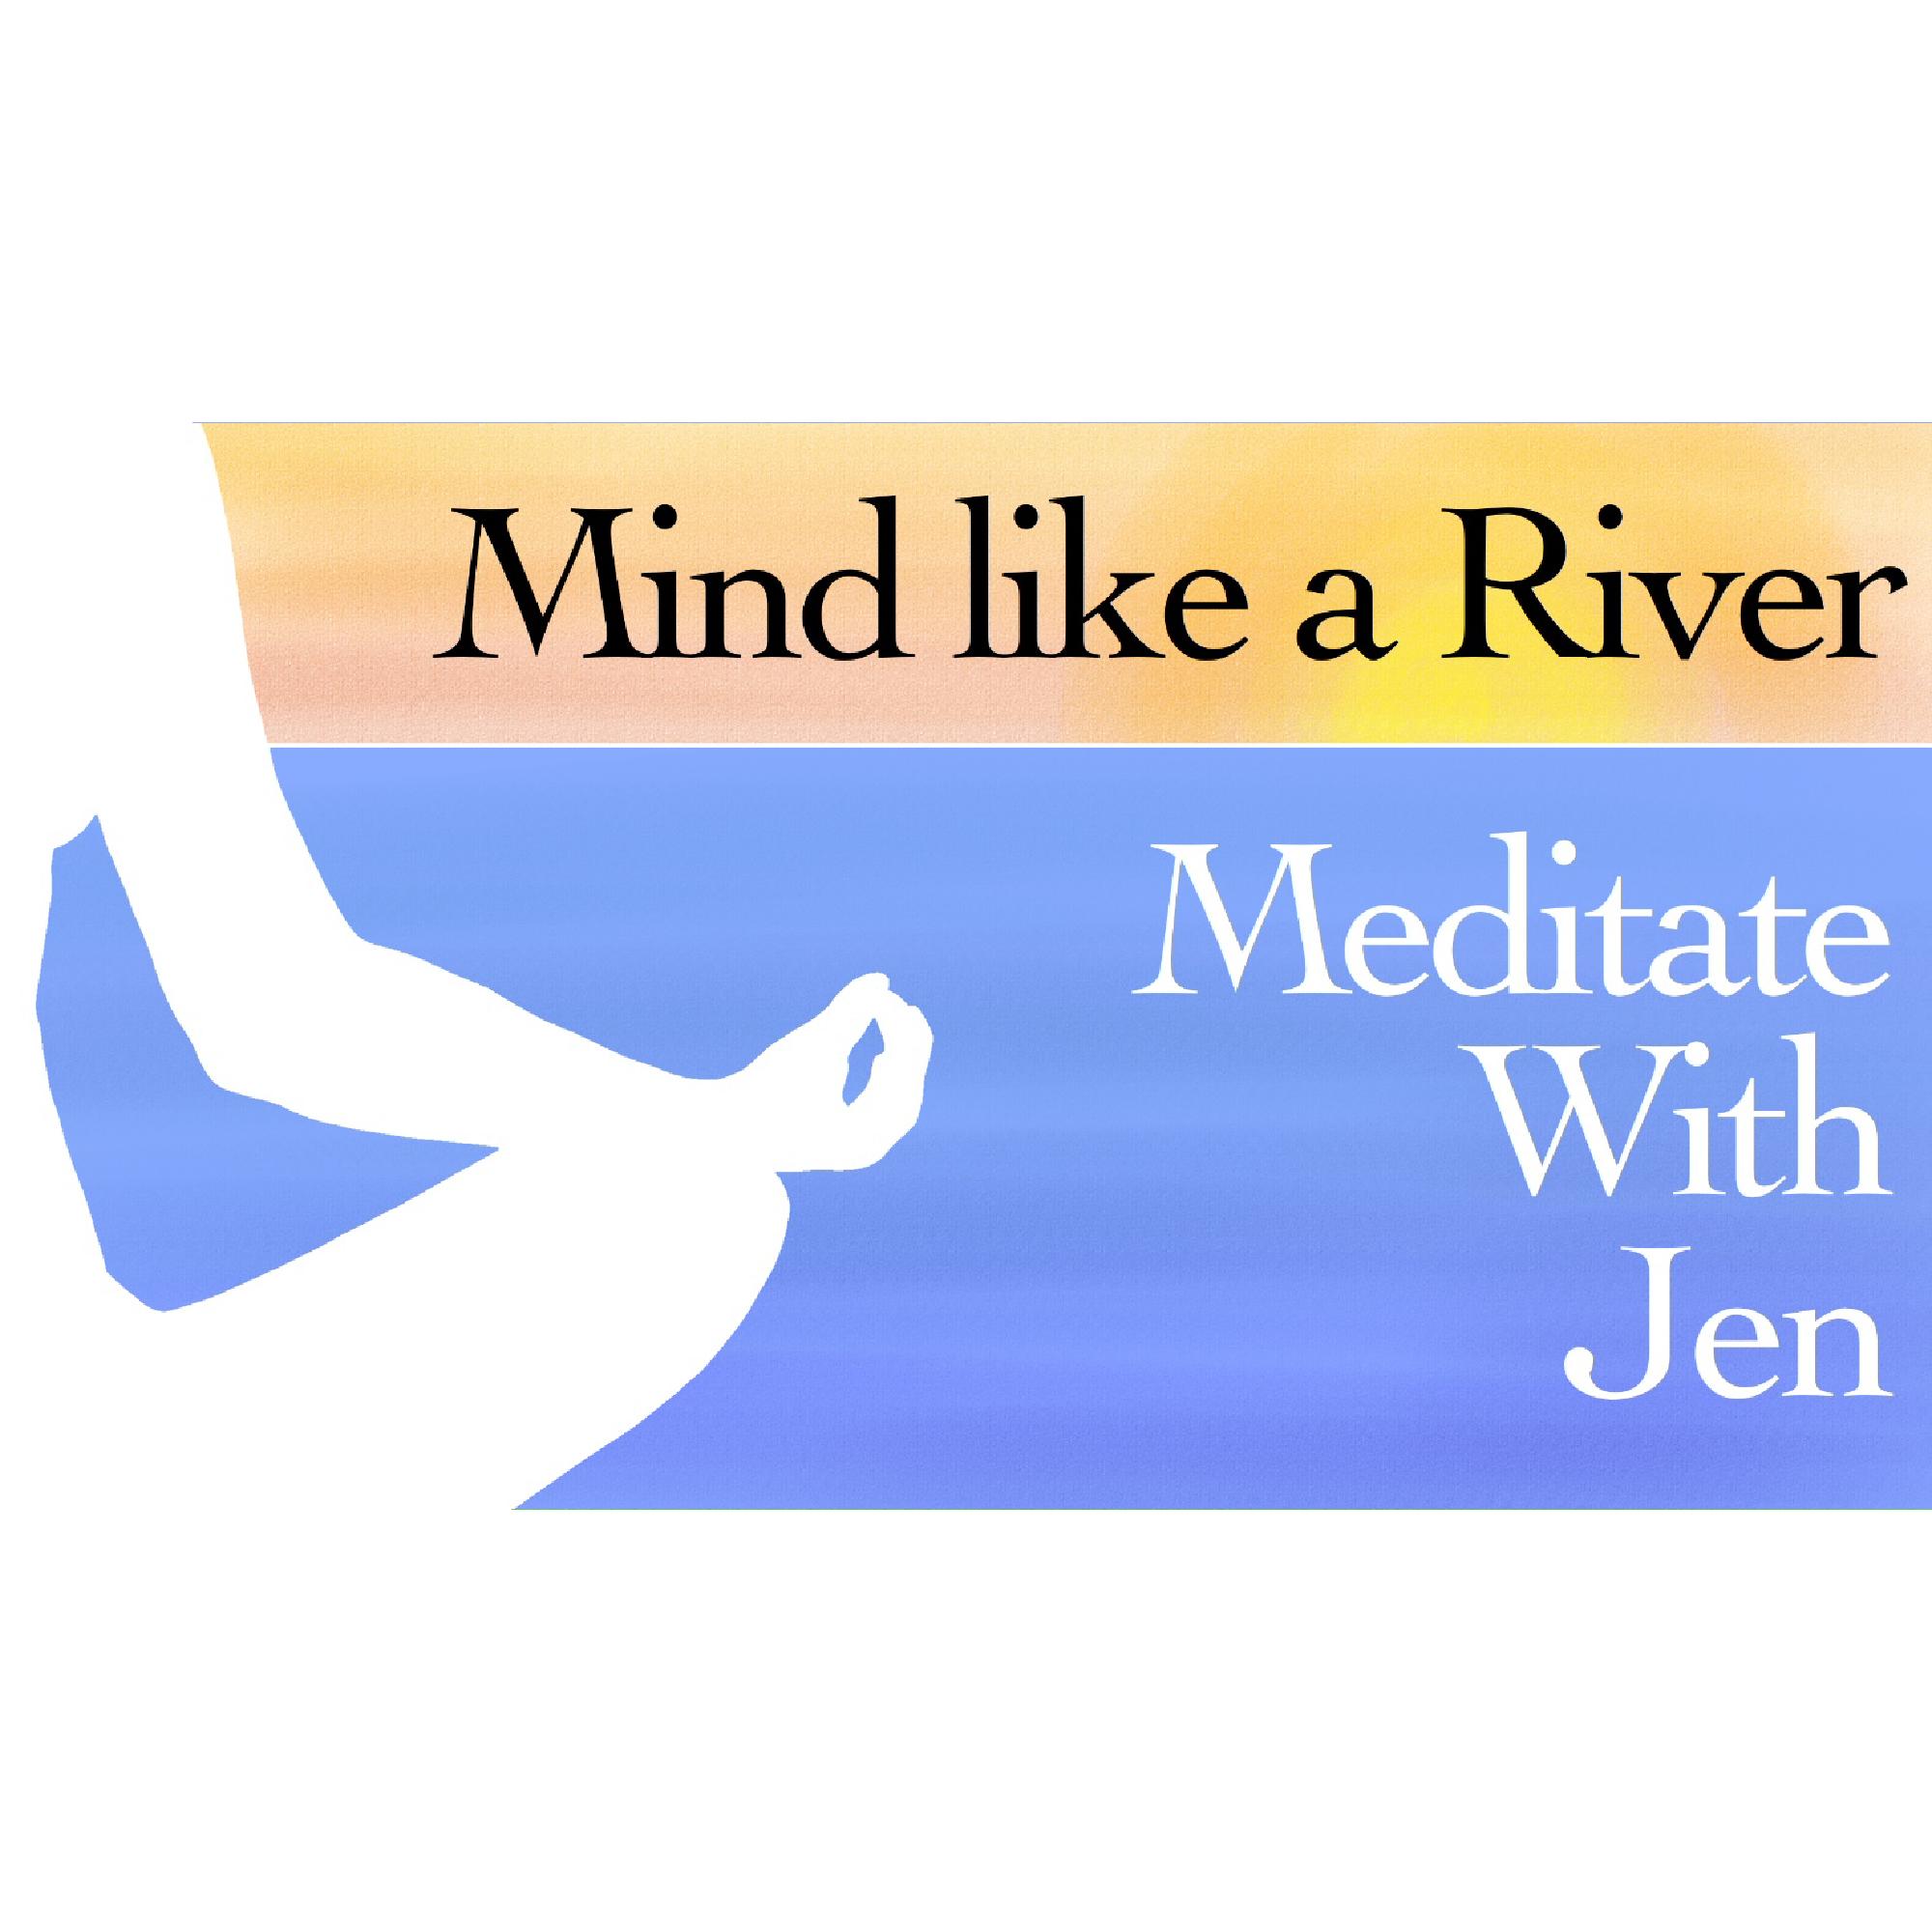 Mind like a River